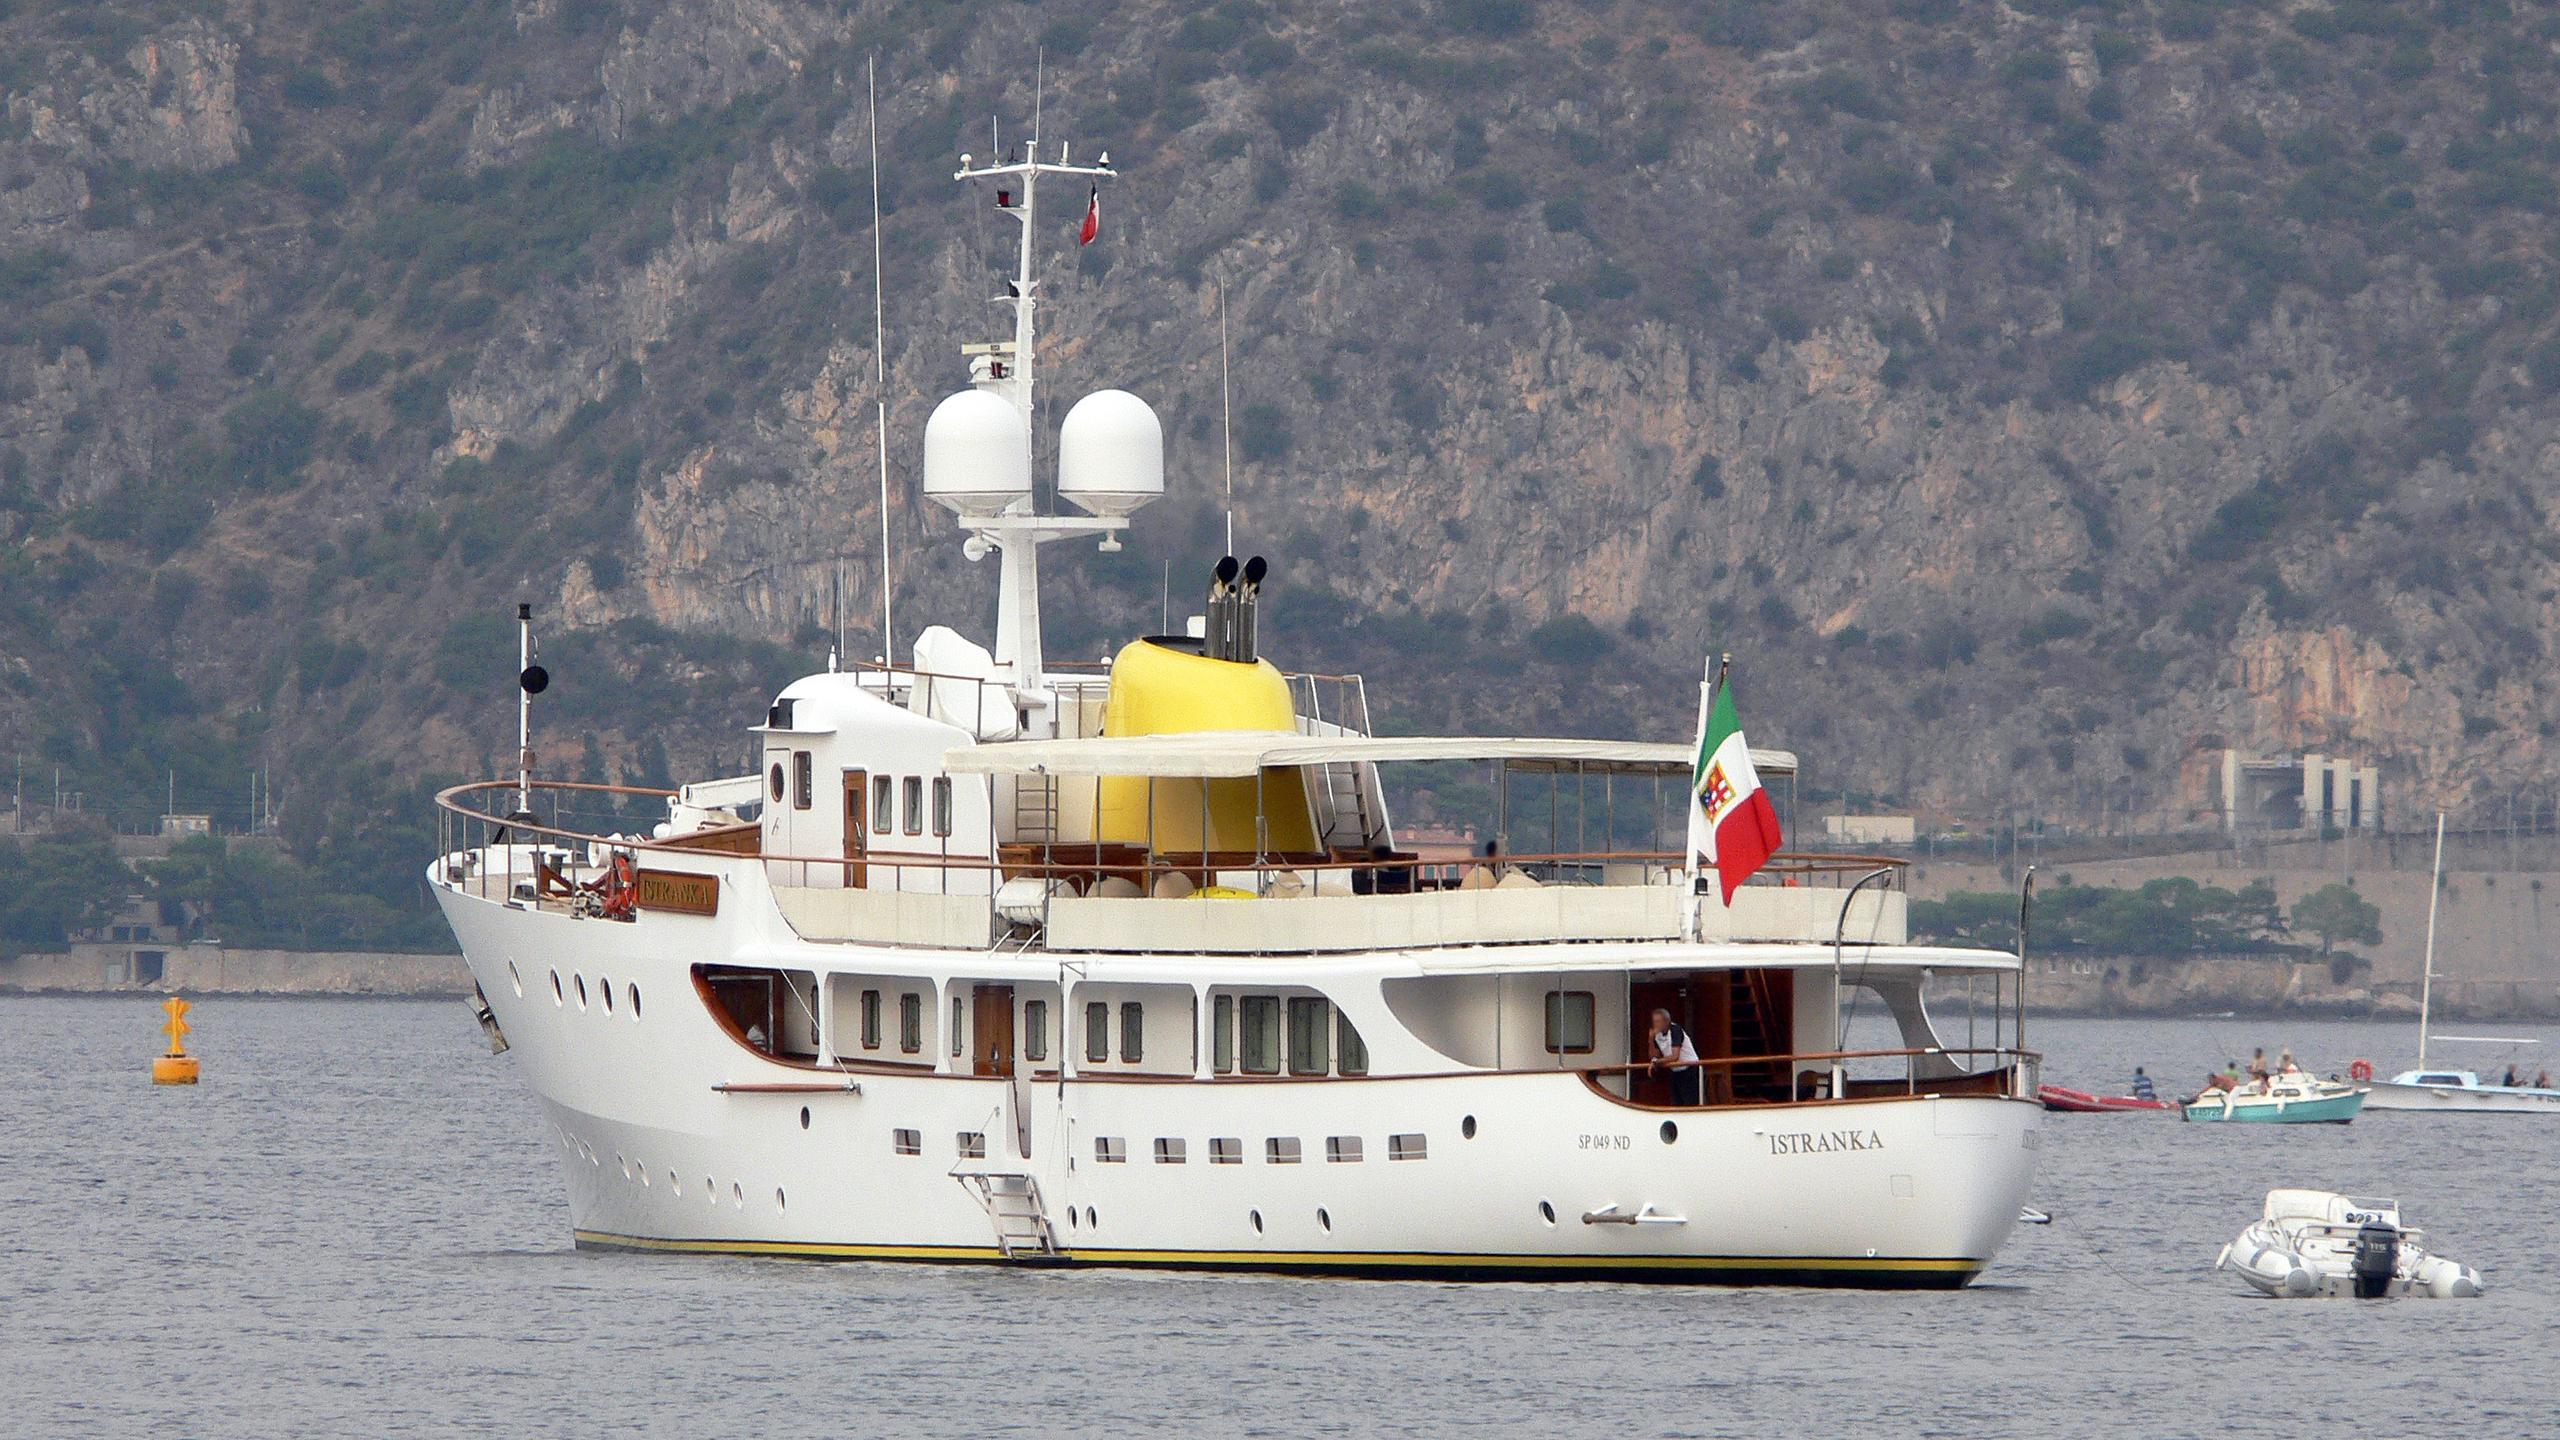 istranka-motor-yacht-iii-maj-1959-46m-stern